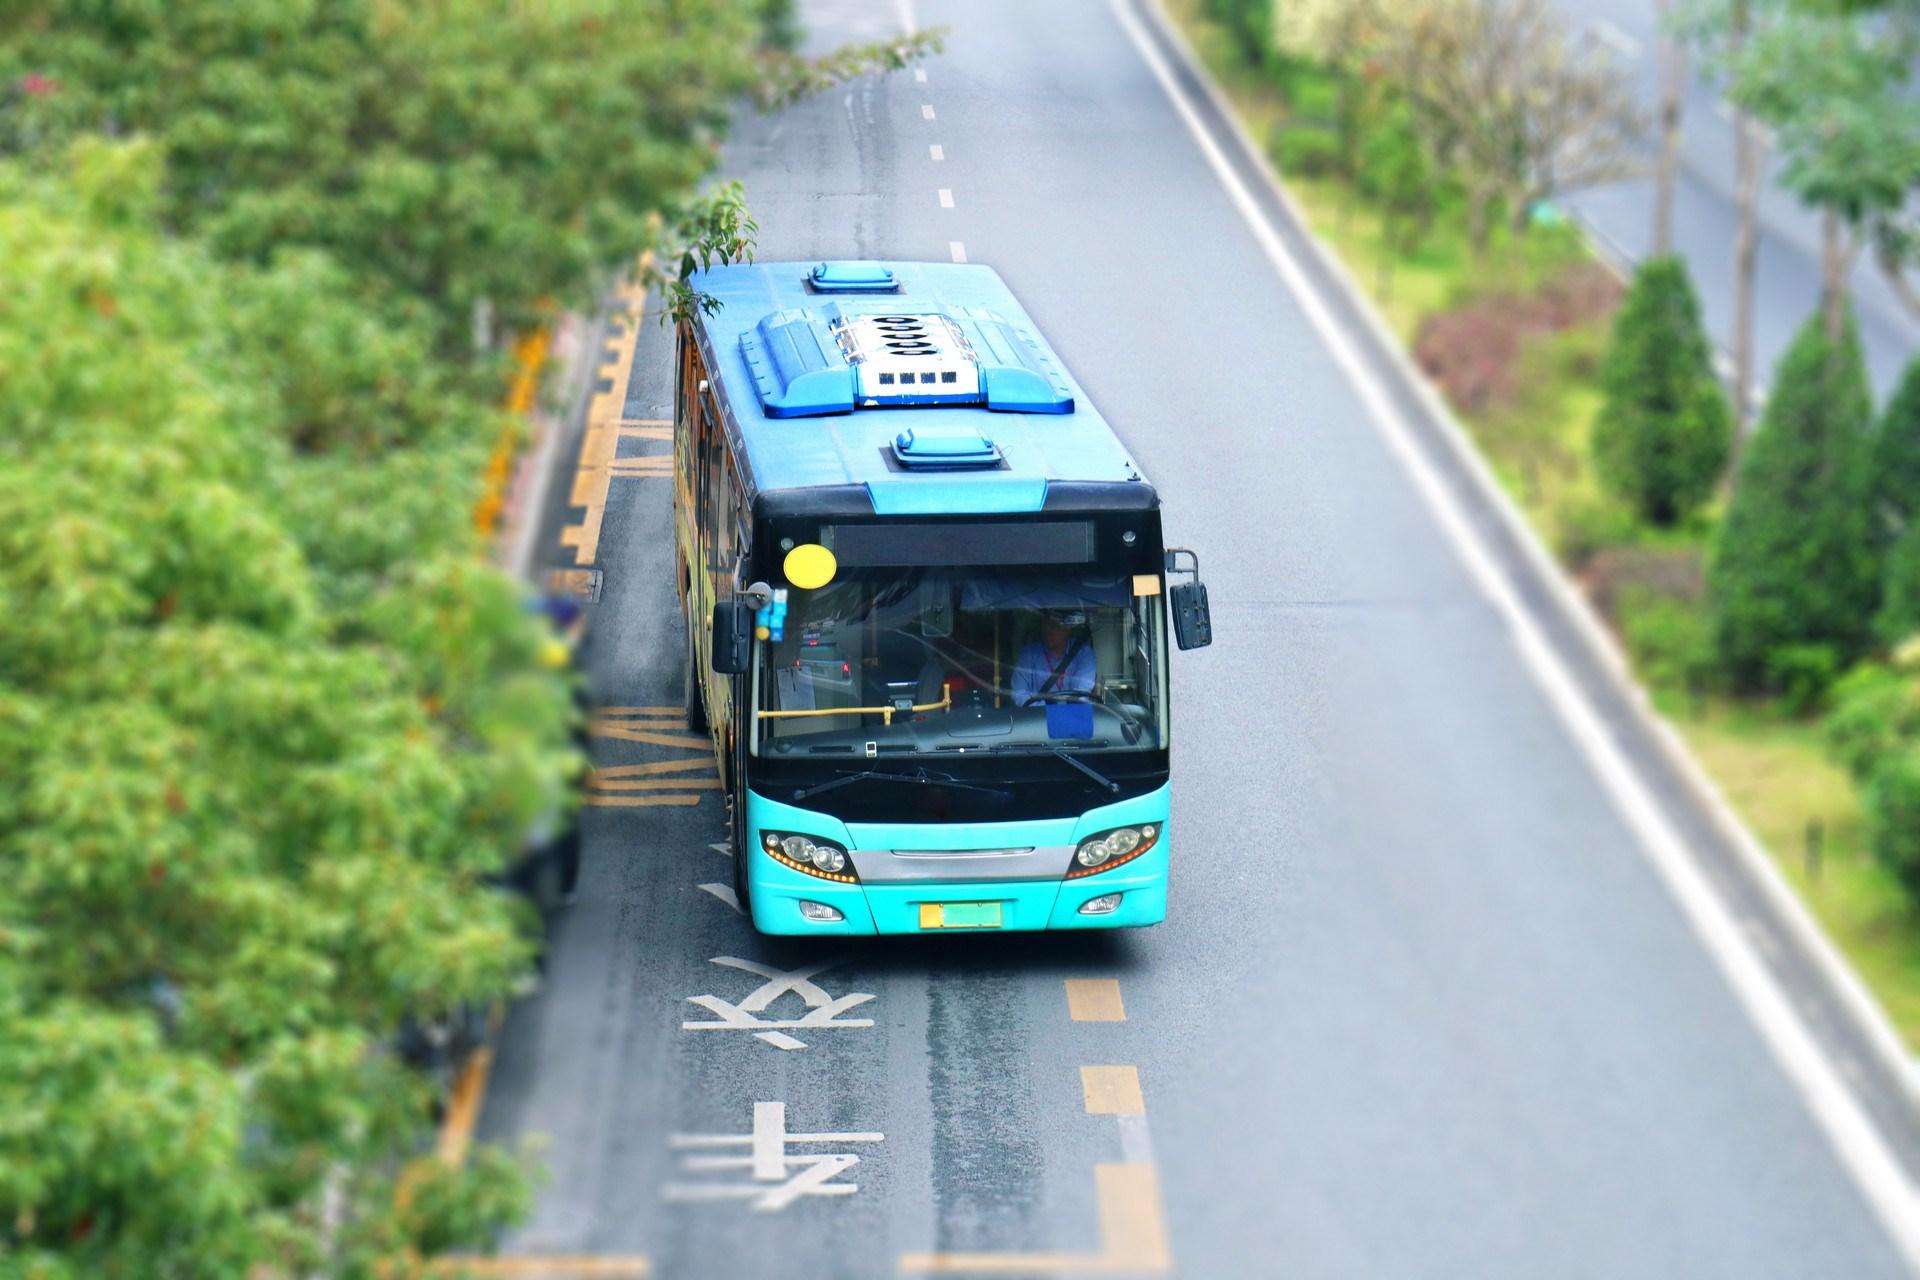 摄图网_501193267_banner_马路上的一辆蓝色的公交车大巴车(企业商用).jpg